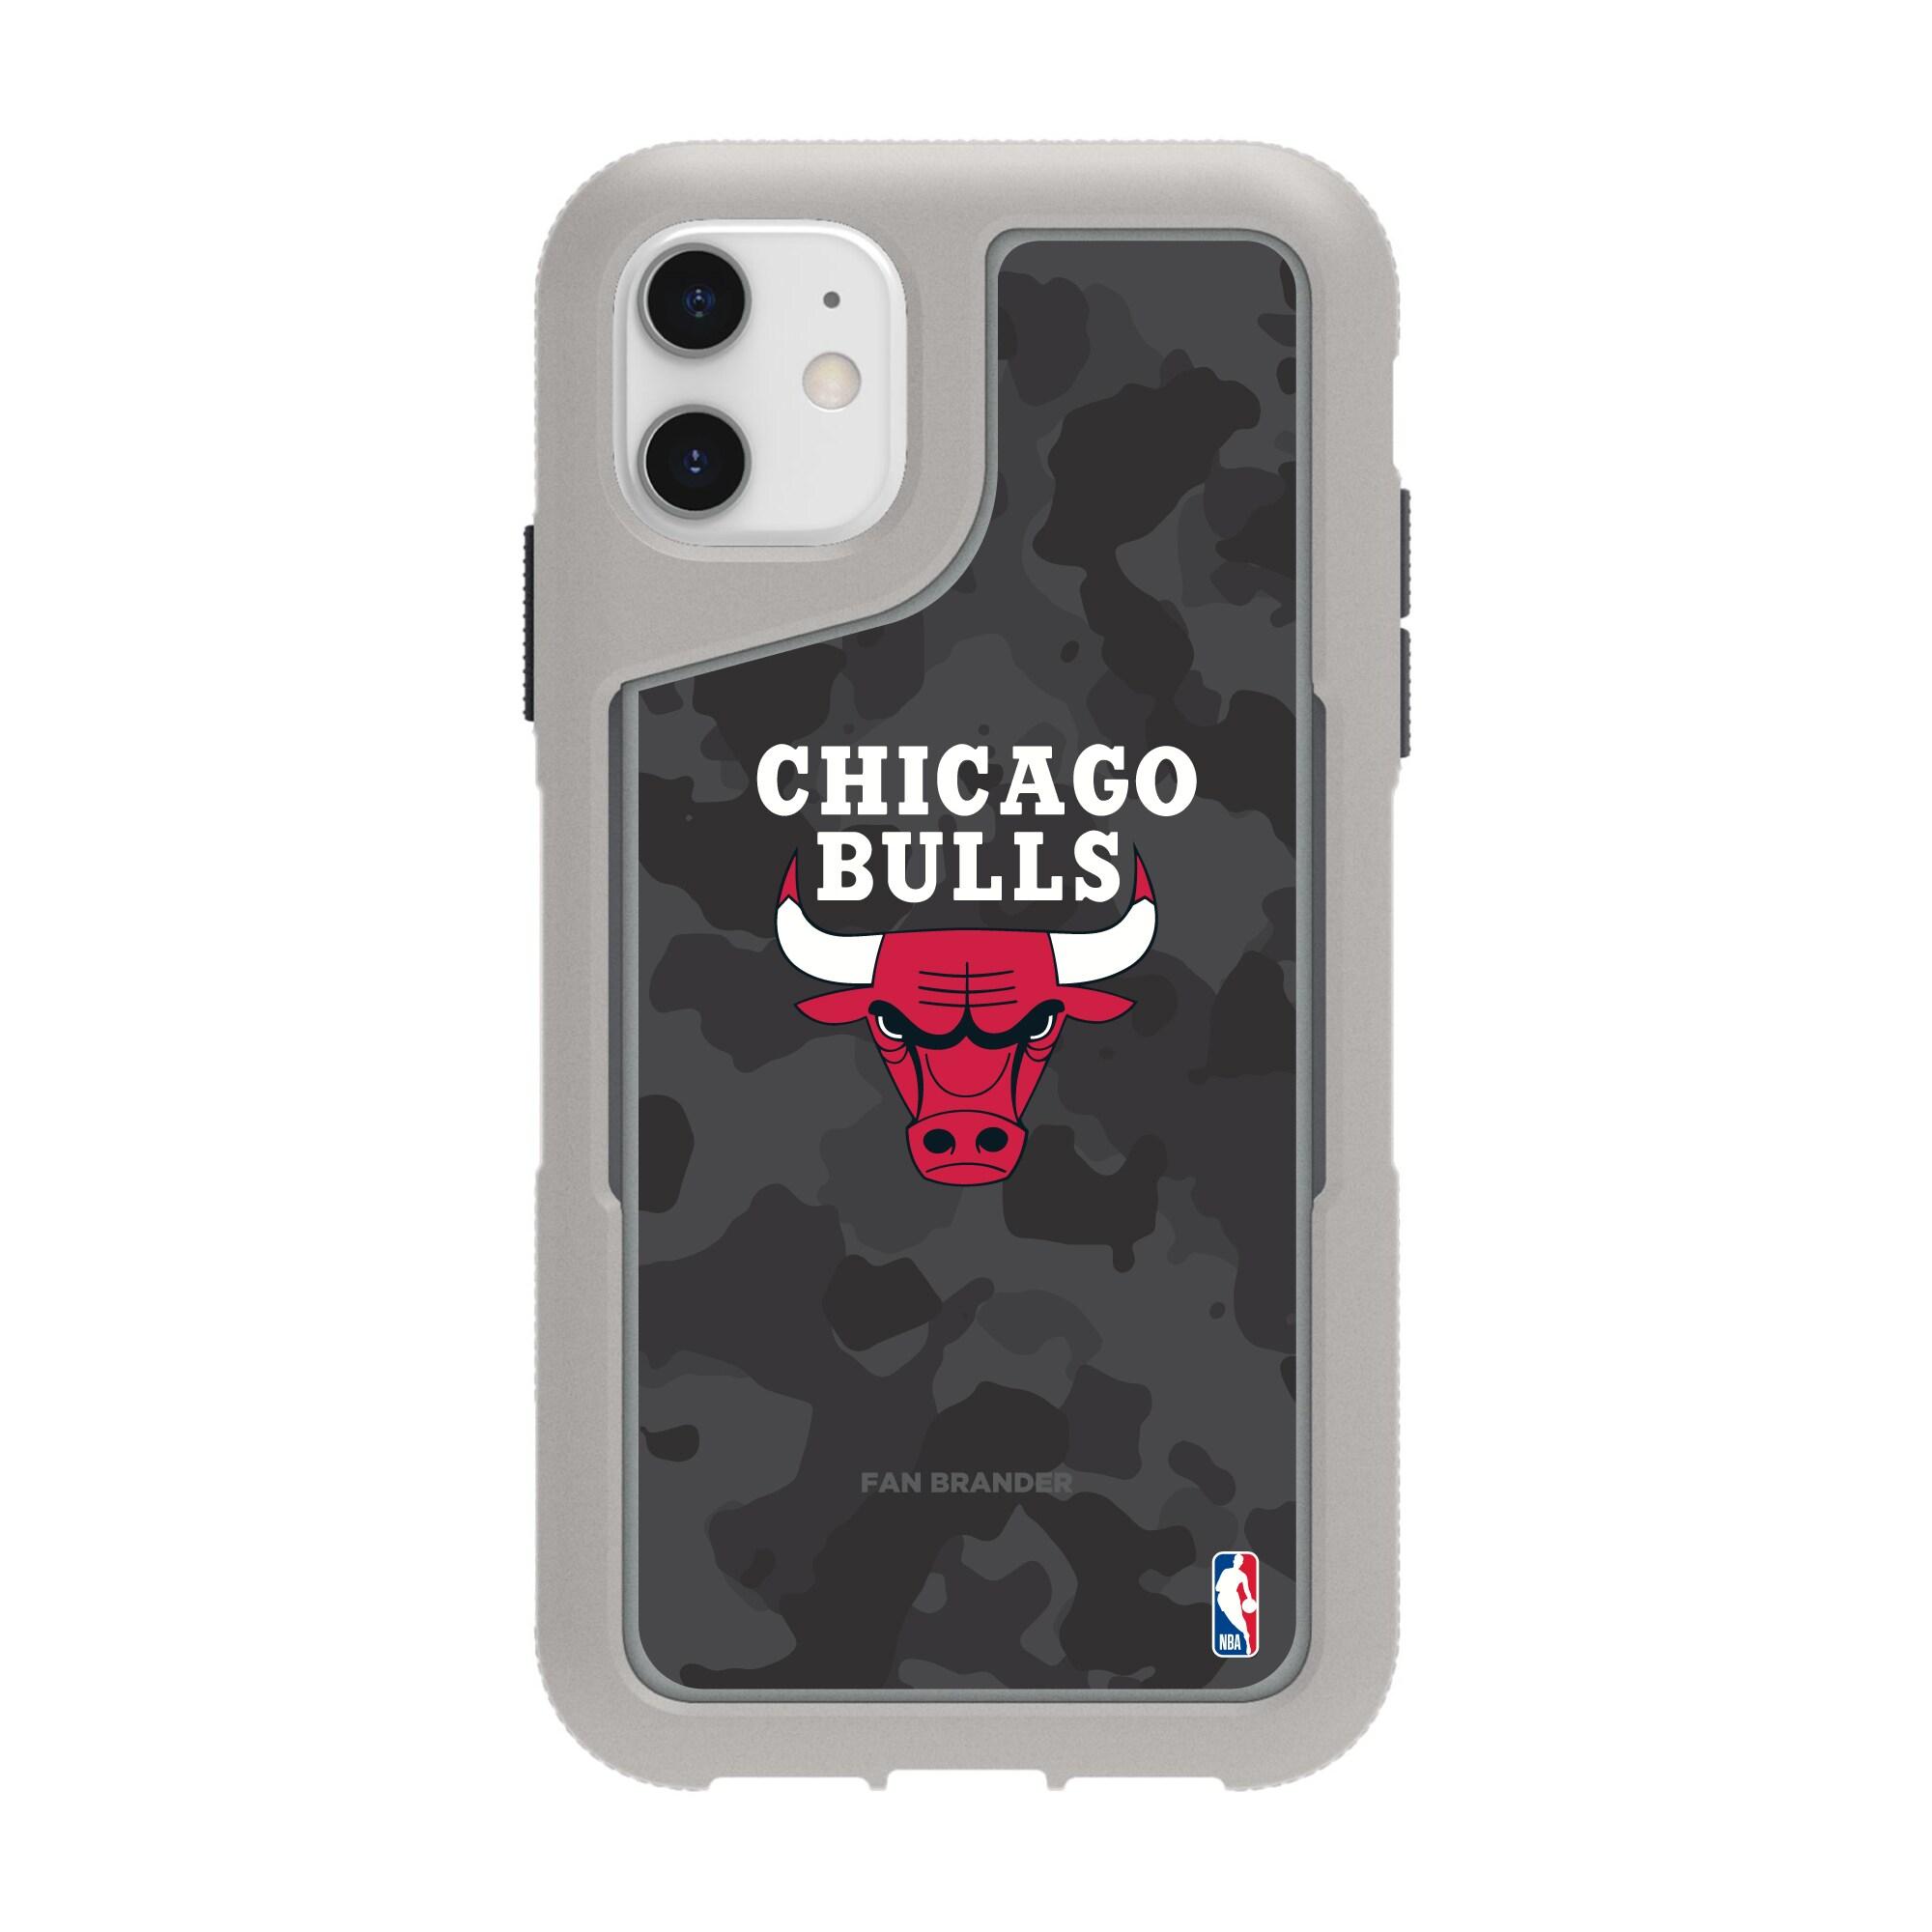 Chicago Bulls Griffin Survivor Endurance Camo iPhone Case - Gray